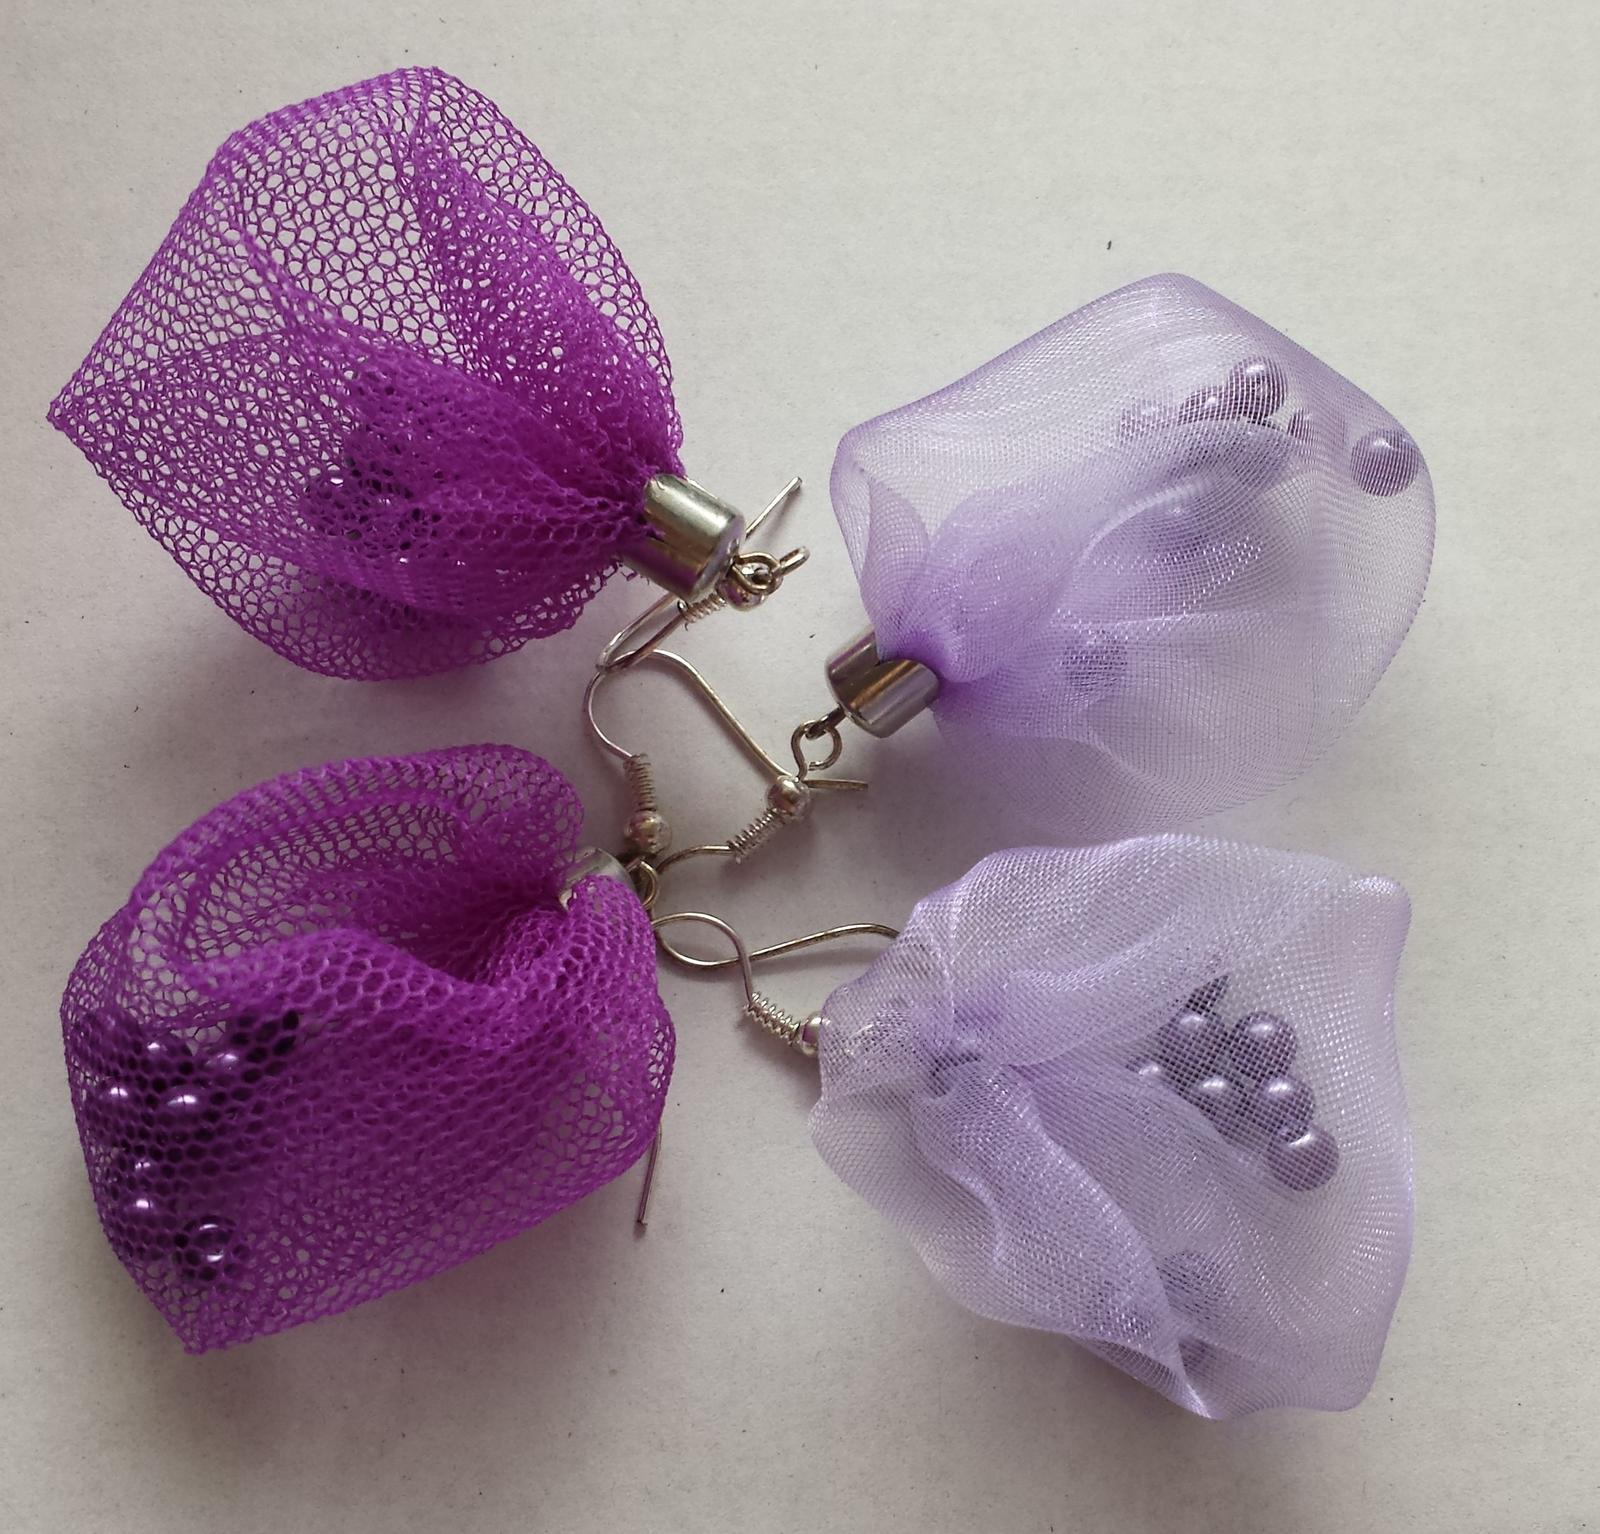 Fialové / lila organzové naušnice  - Obrázek č. 1